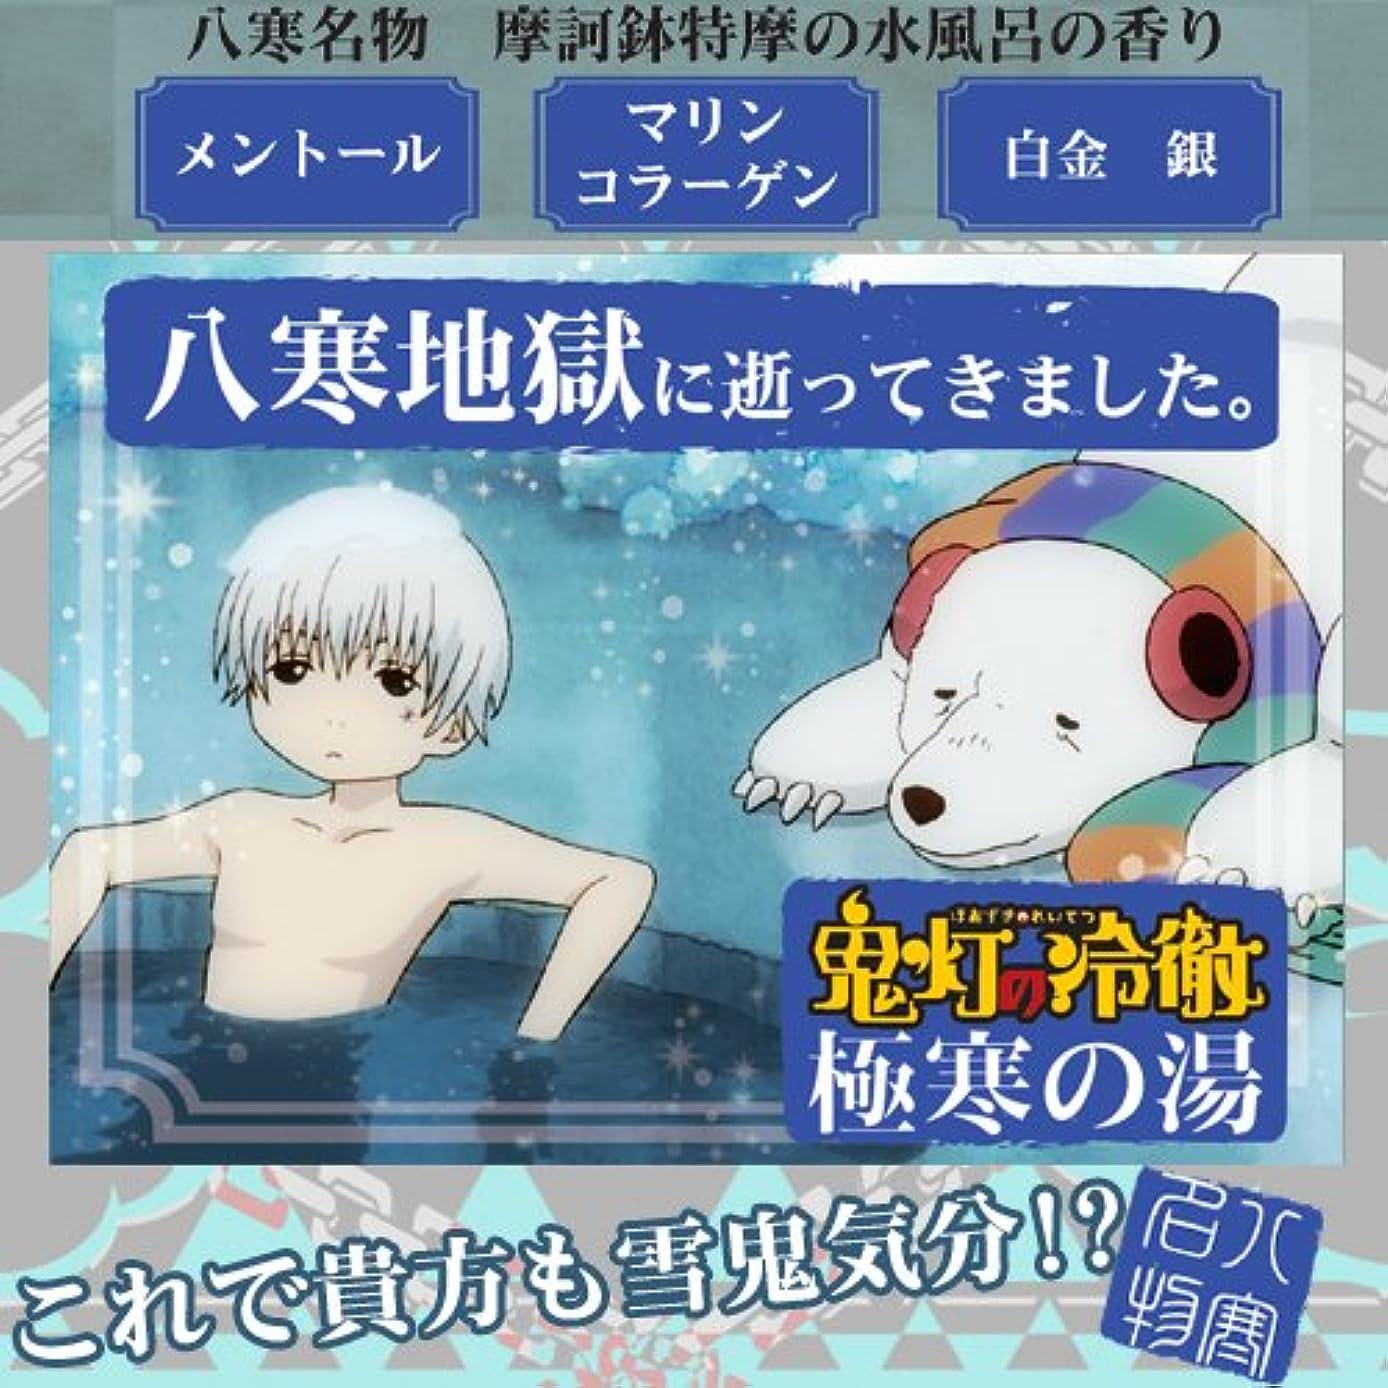 包帯ワーディアンケース子猫鬼灯の冷徹 入浴剤 「極寒の湯」